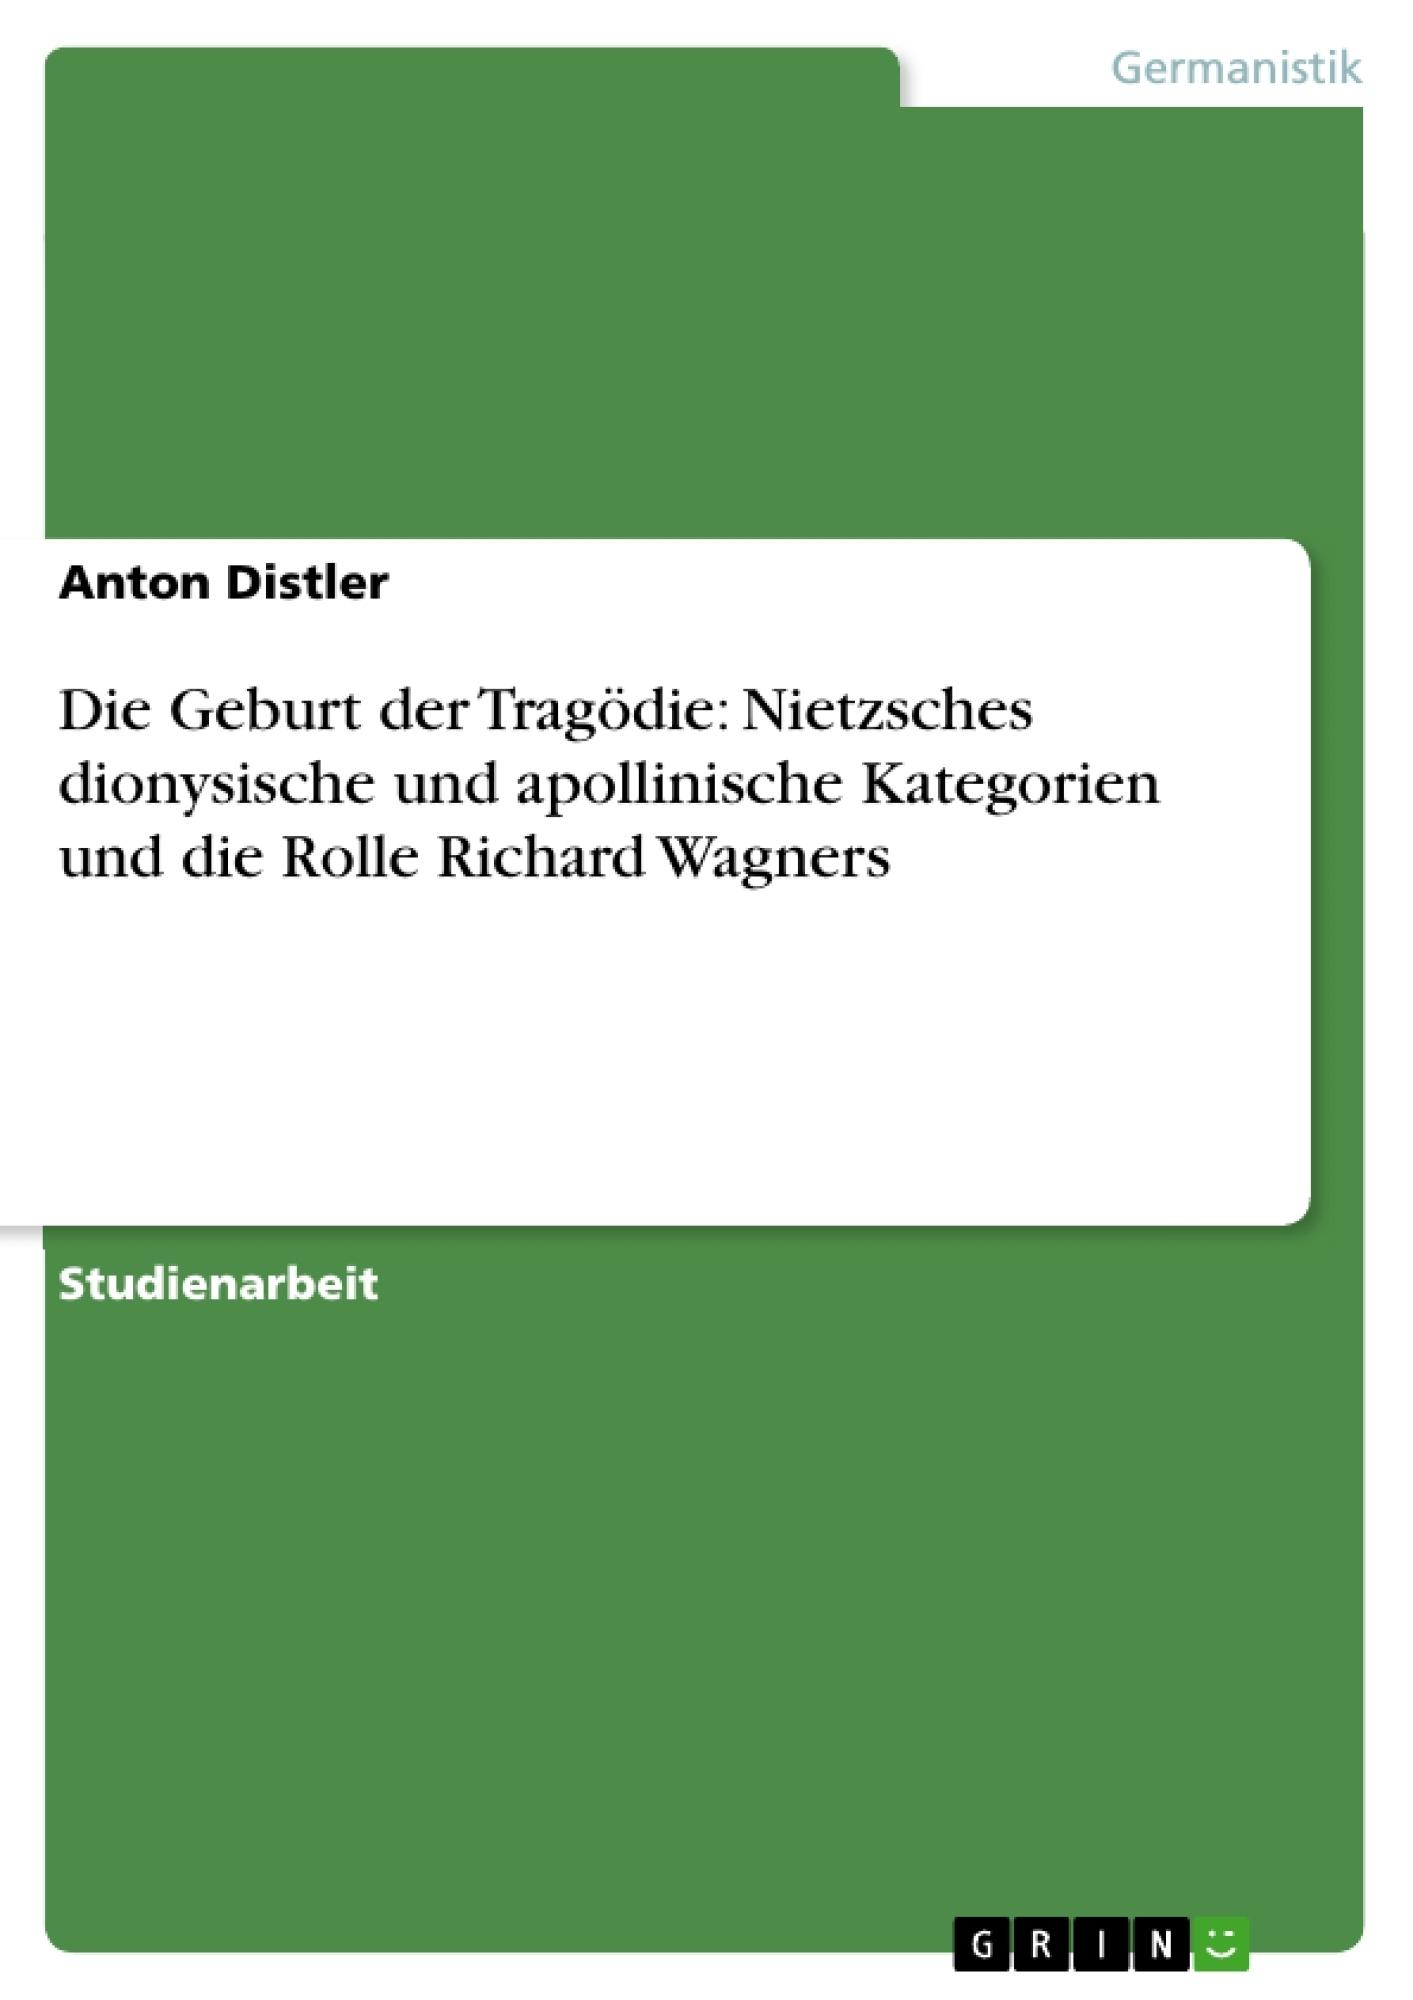 Titel: Die Geburt der Tragödie: Nietzsches dionysische und apollinische Kategorien und die Rolle Richard Wagners